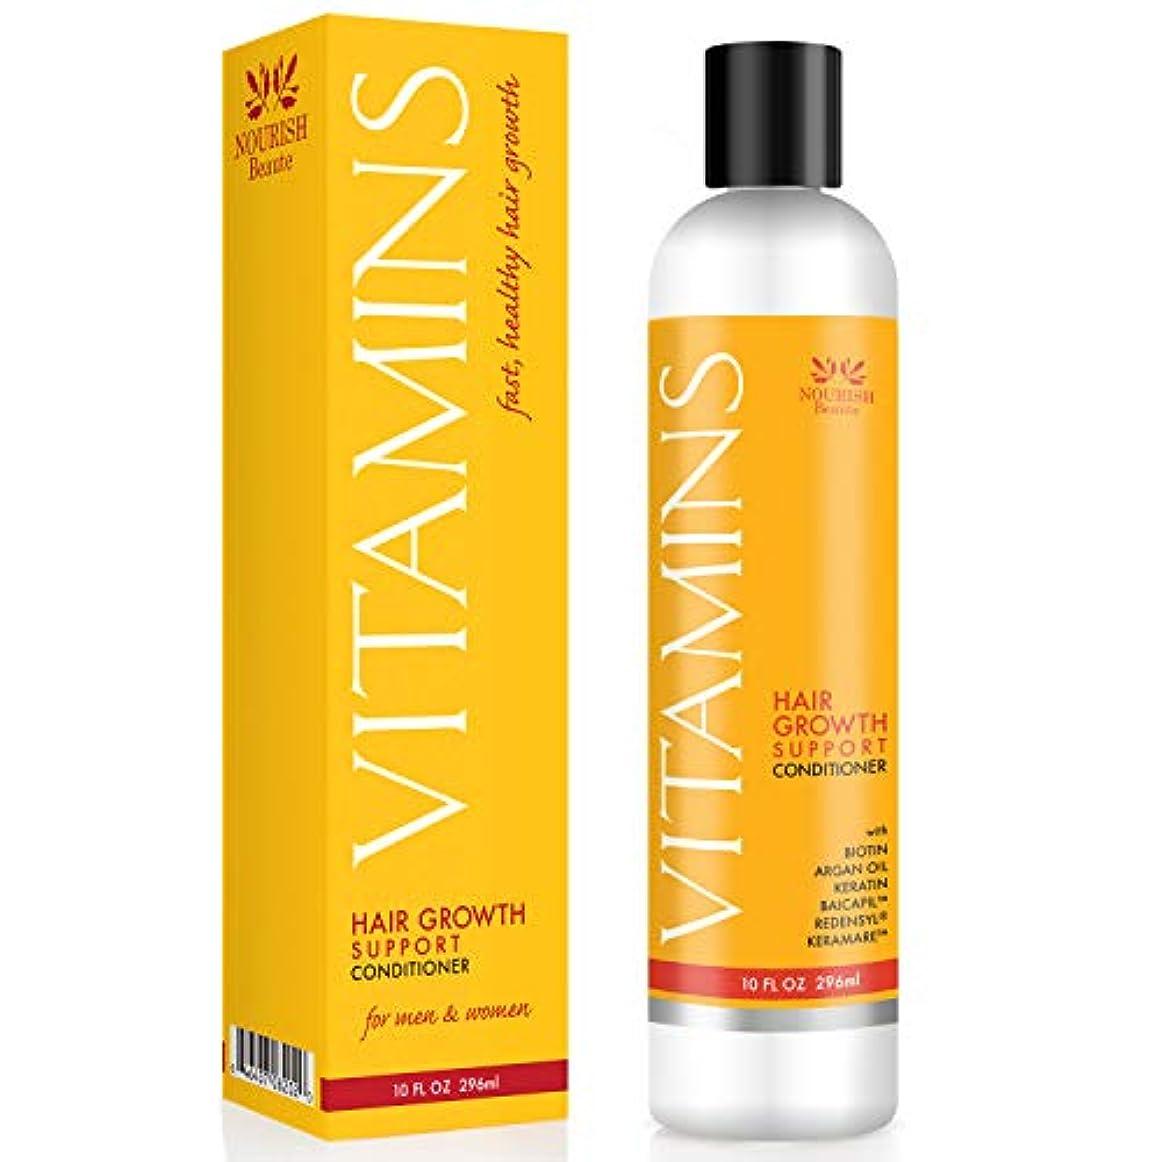 日没アッティカスアリVitamins - オーガニック 脱毛トリートメント コンディショナー Organic Hair Loss Treatment and Conditioner, 10 Ounce (296ml)